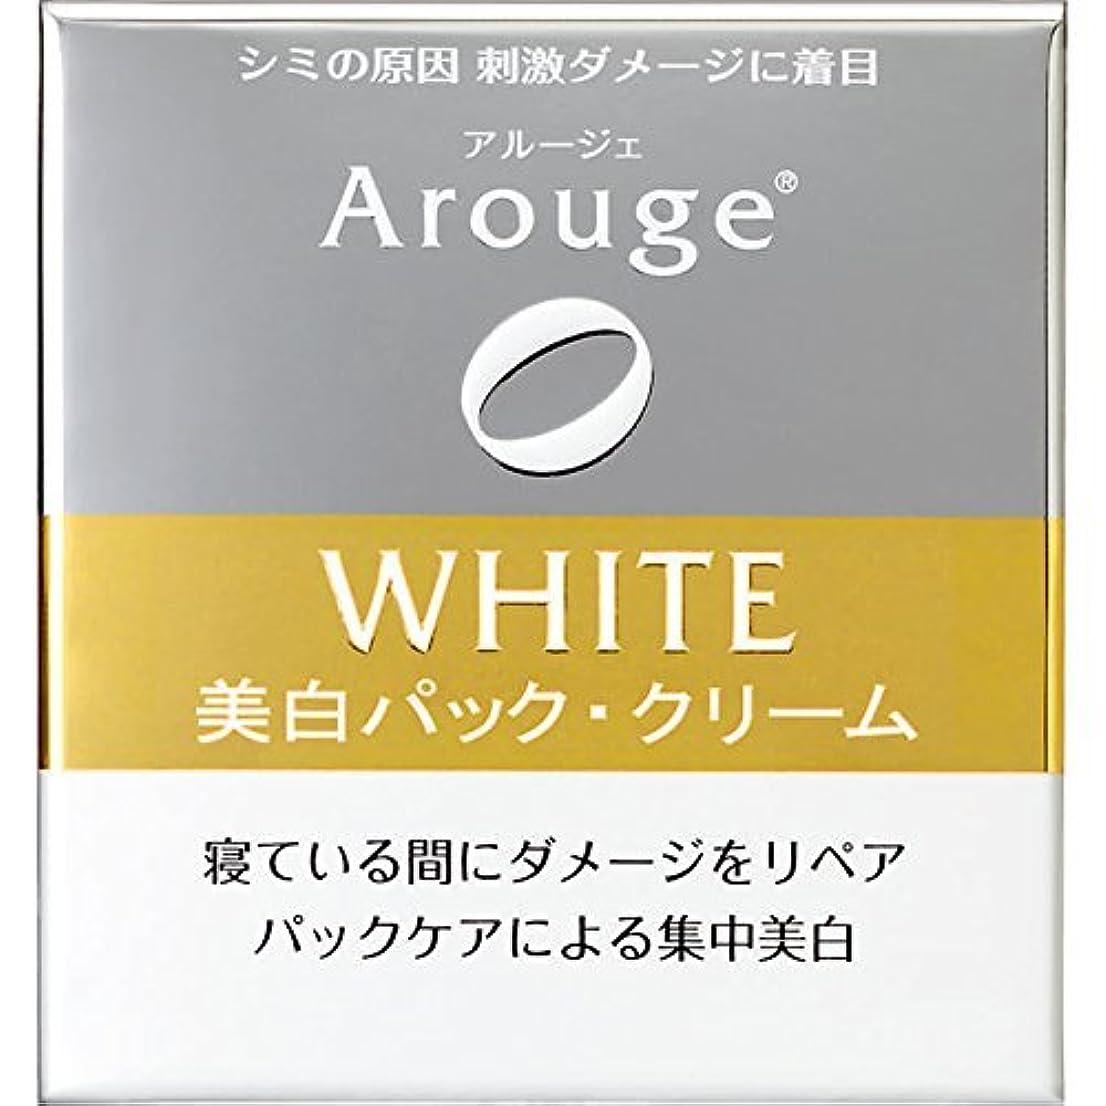 トークお手入れパッケージアルージェ ホワイトニングリペアクリーム 30g